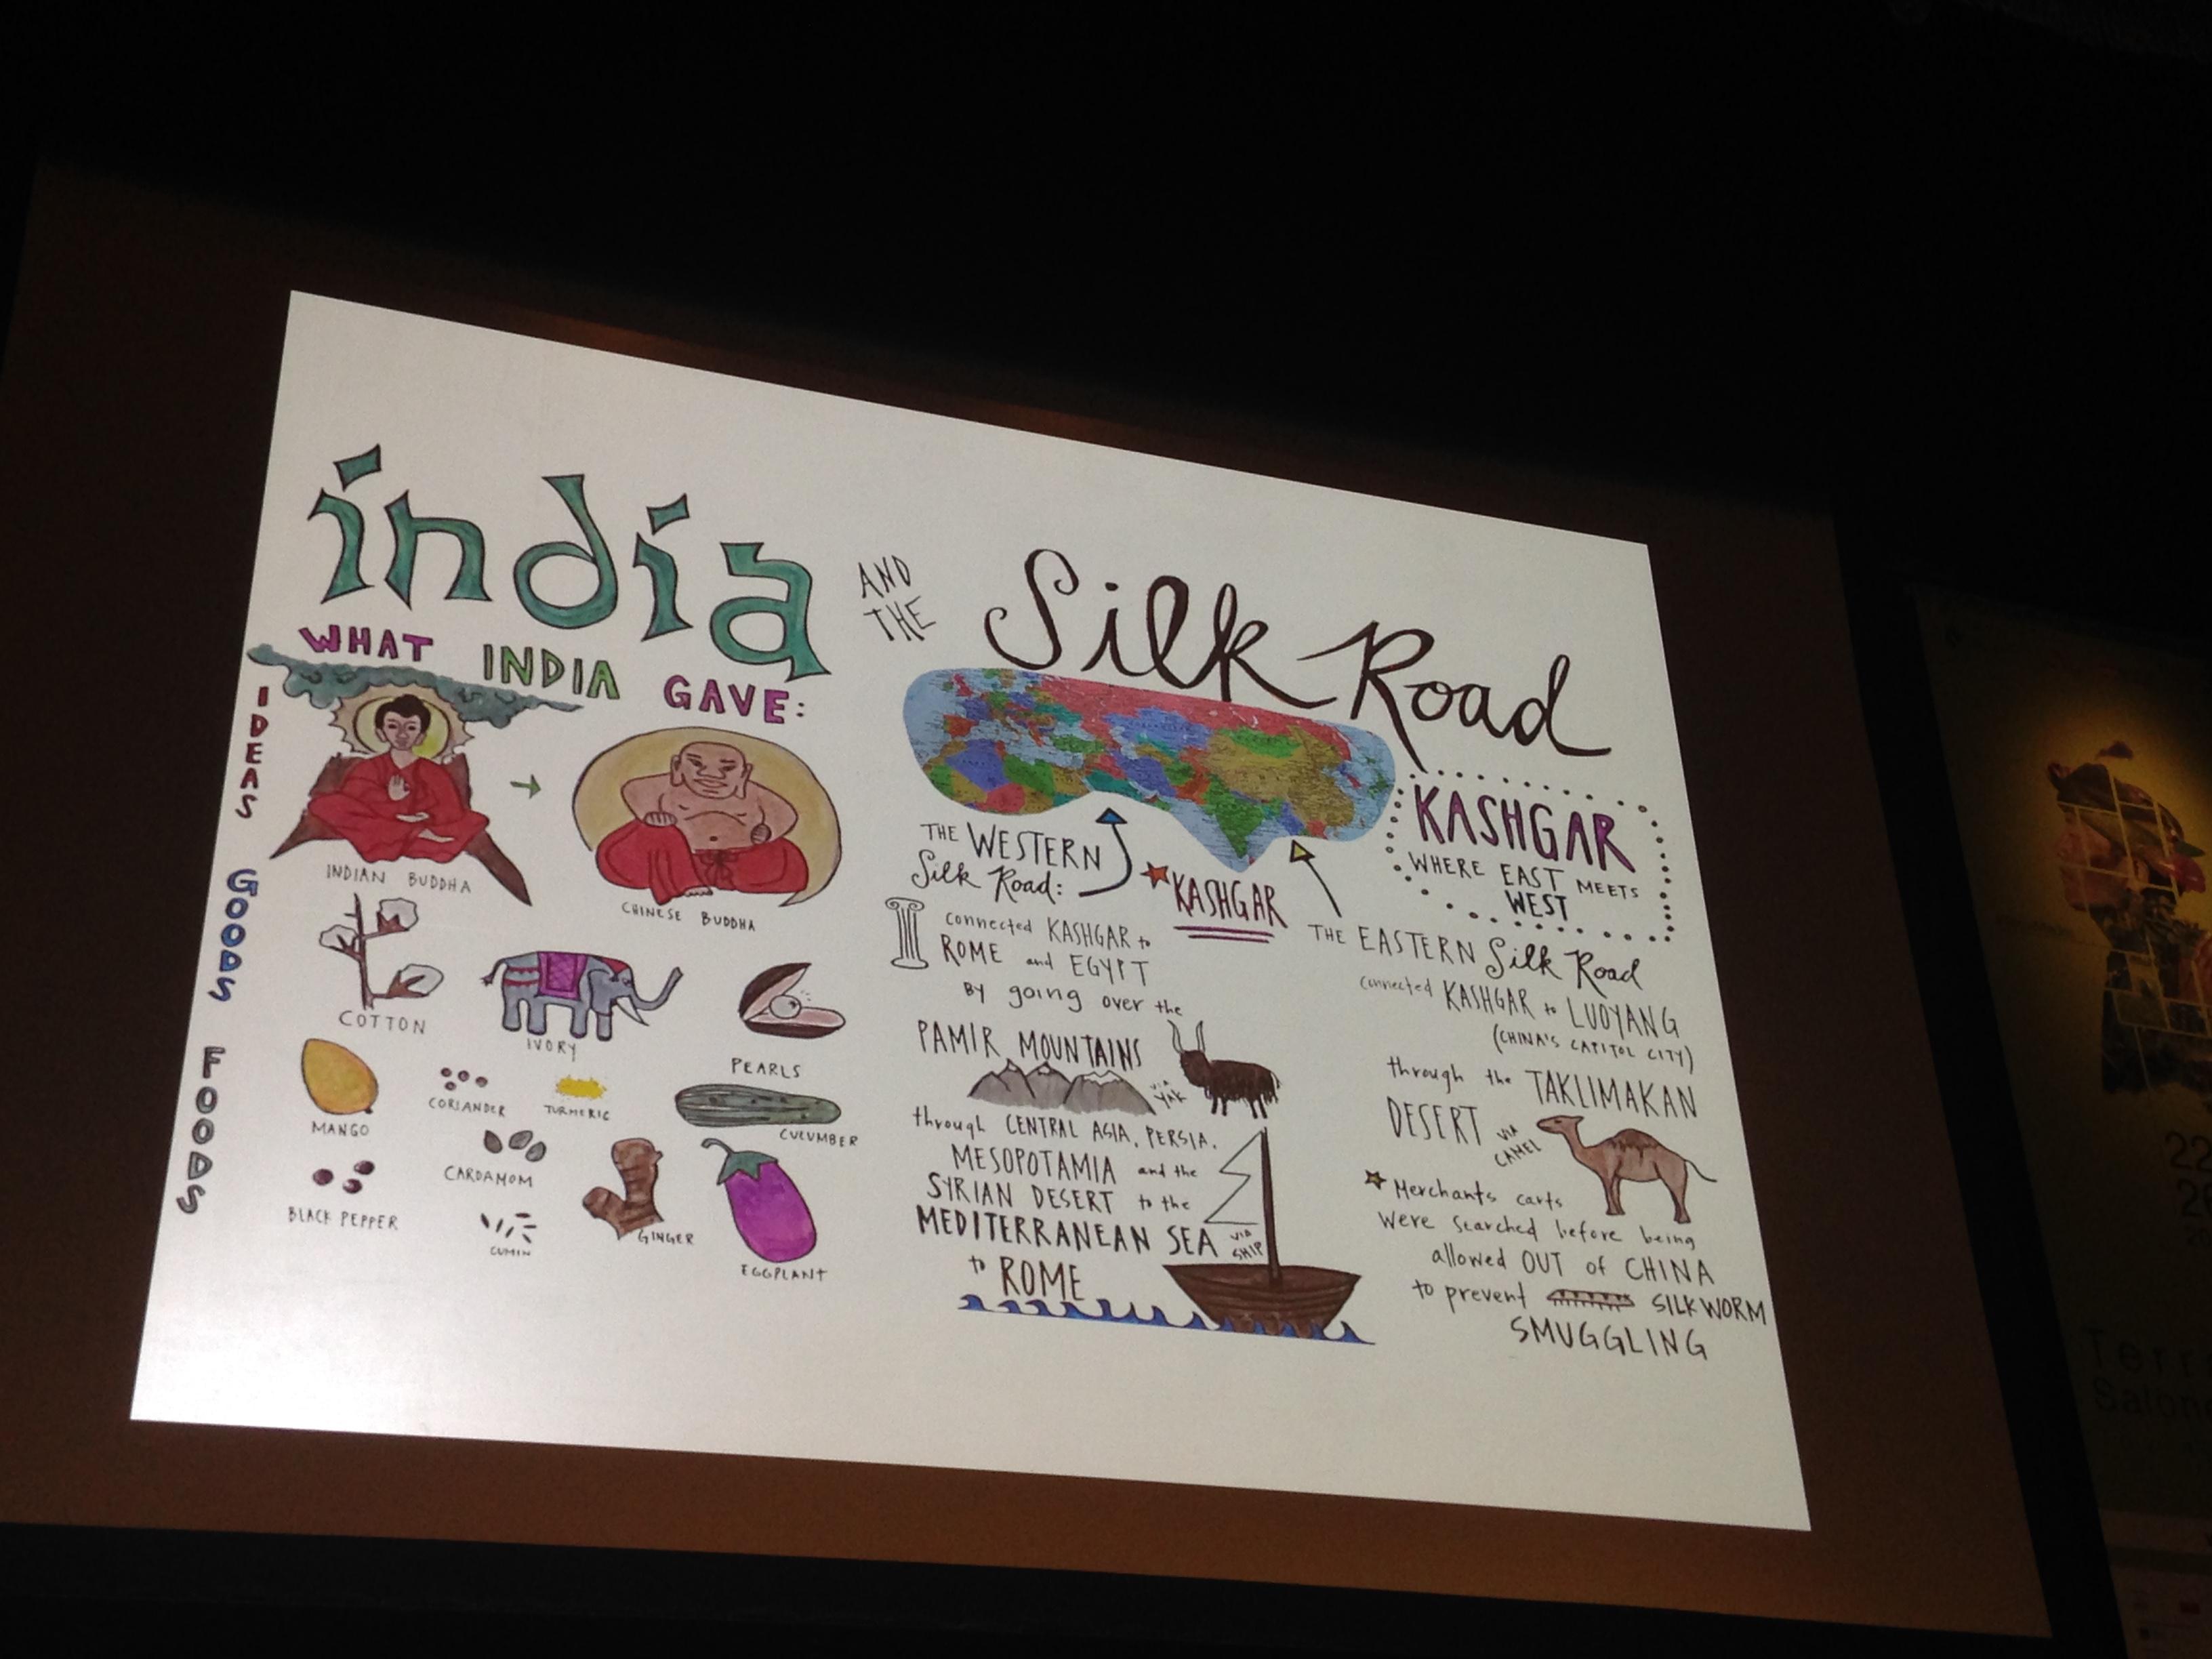 """""""The Edible Schoolyard Project"""" oktatótábla."""